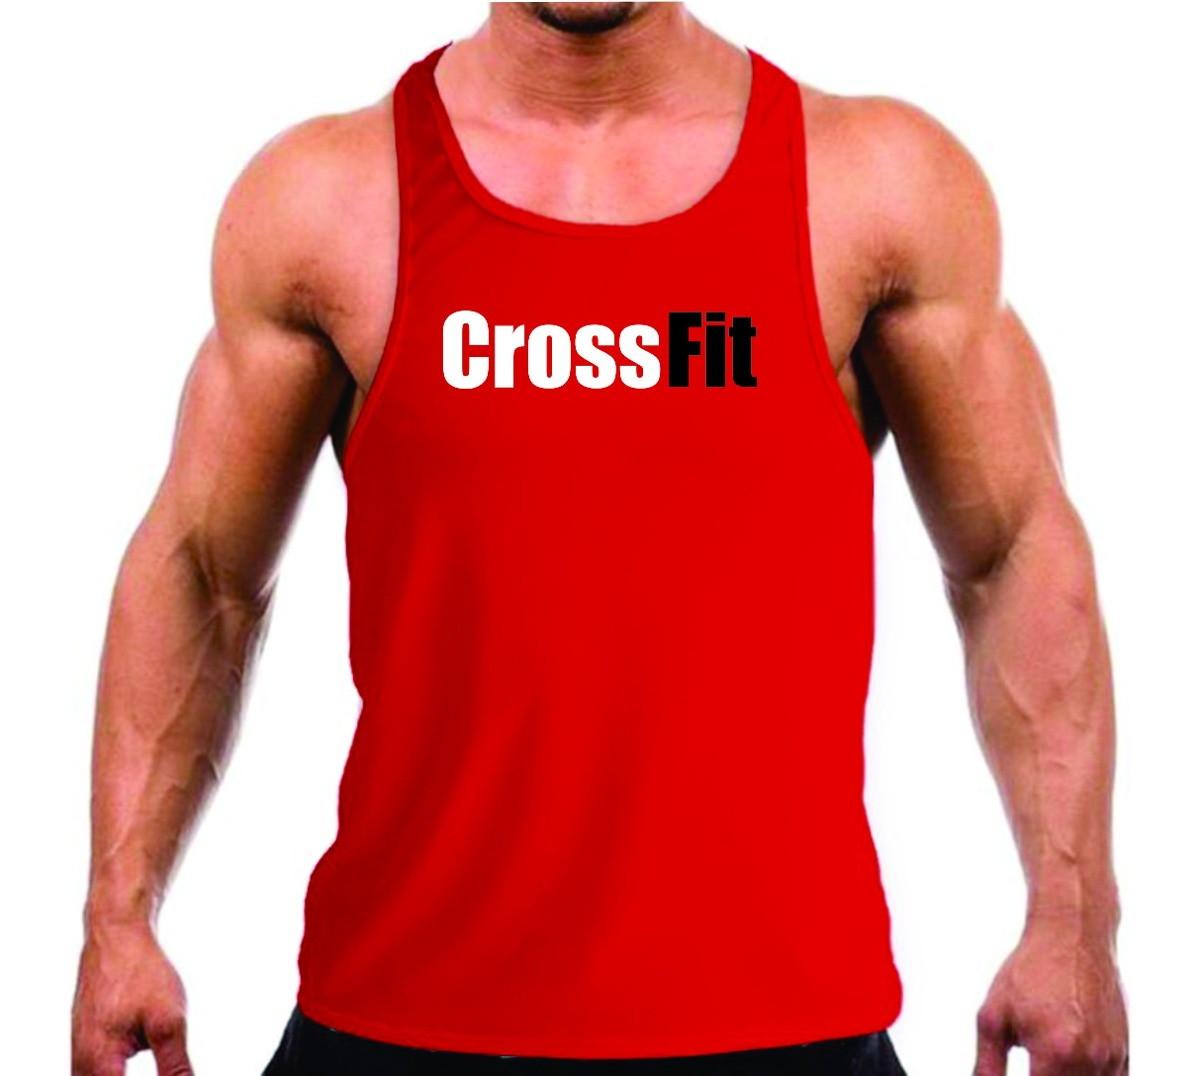 edf3c651450ae Camiseta Regata Crossfit Musculação Academia Treino no Elo7